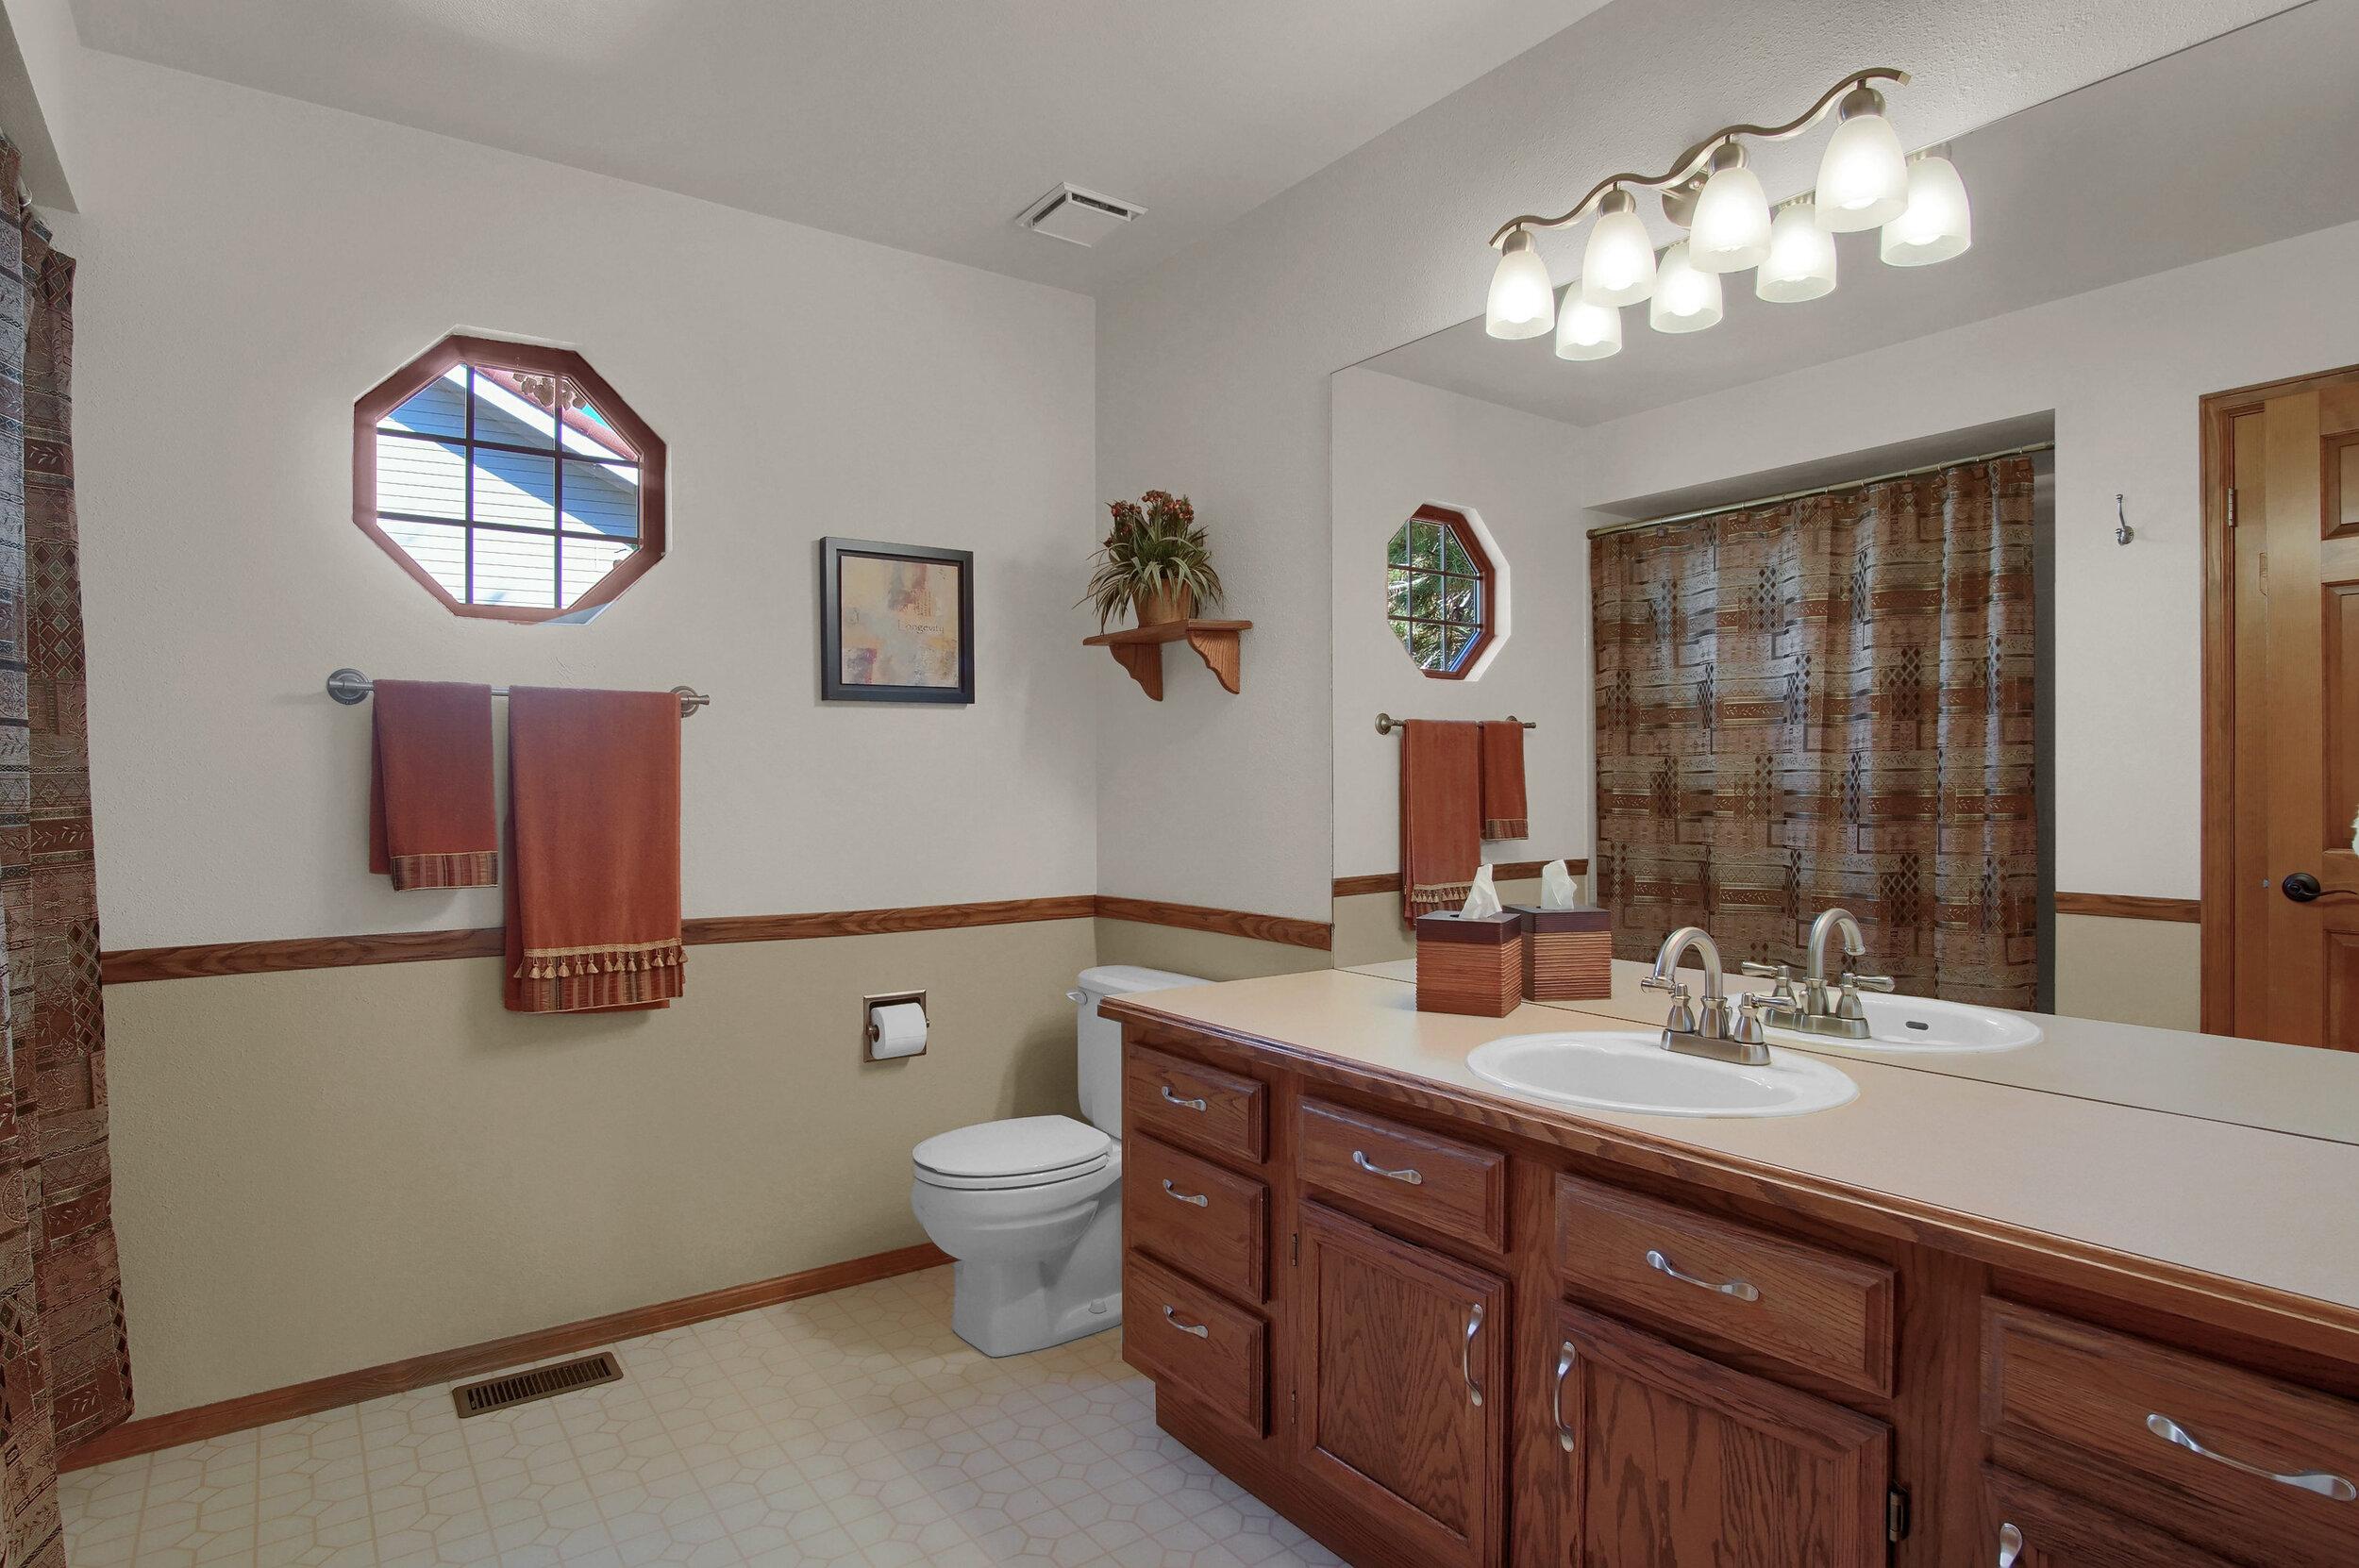 4919 Nightshade Cir Colorado-print-033-022-Bathroom-3008x2000-300dpi.jpg